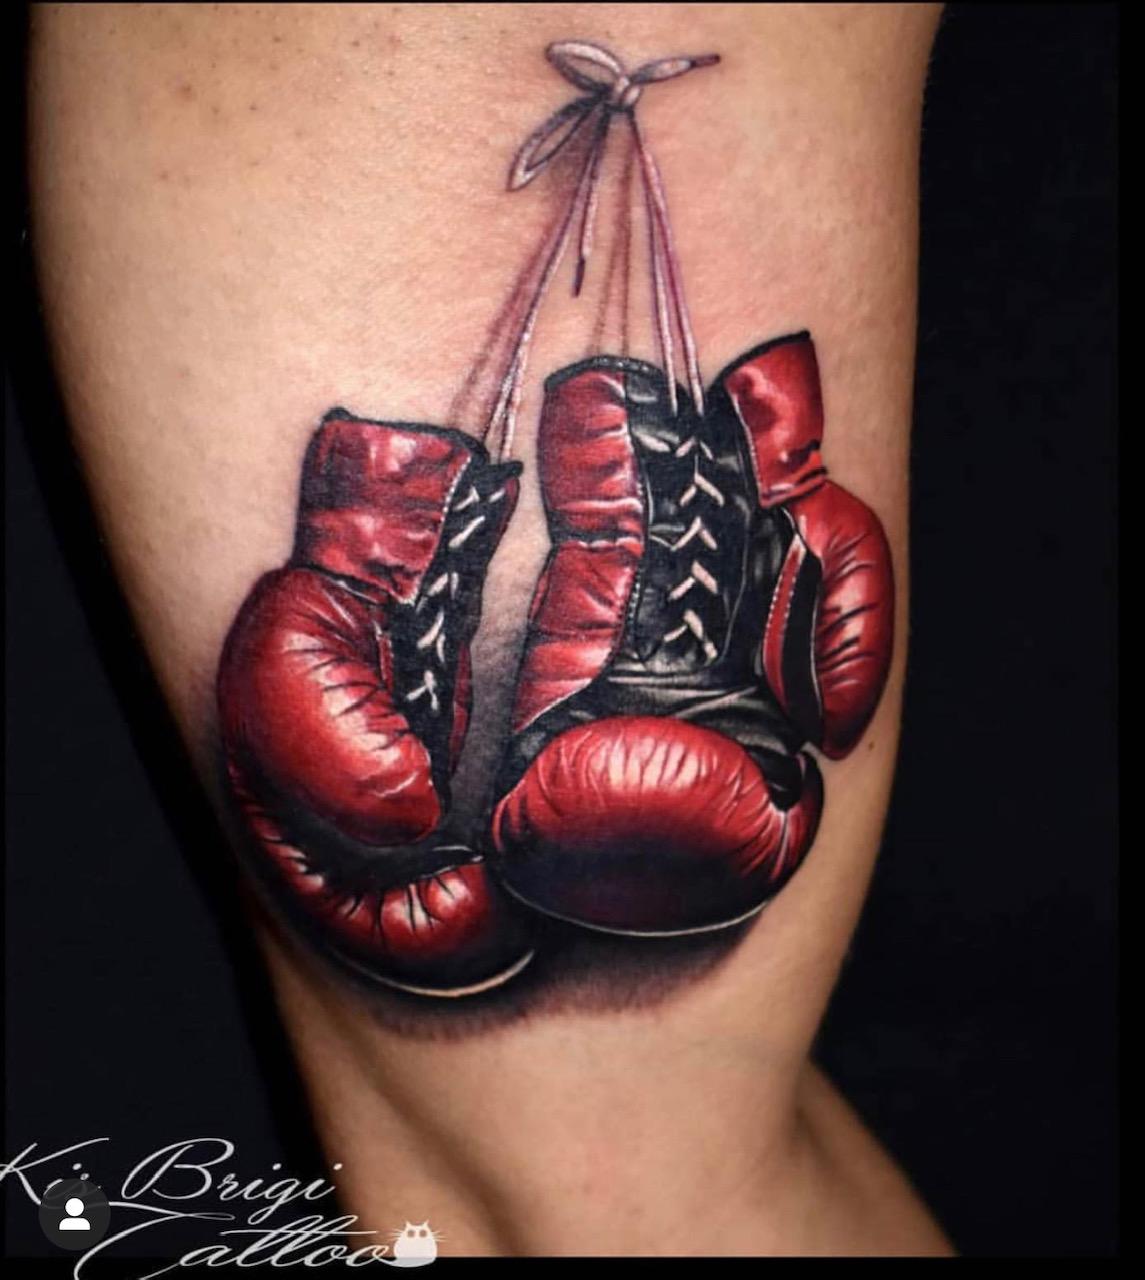 box handschuhe box brigi tattoo anansi münchen munich farbe color amazing best beste tätowiererin amazing